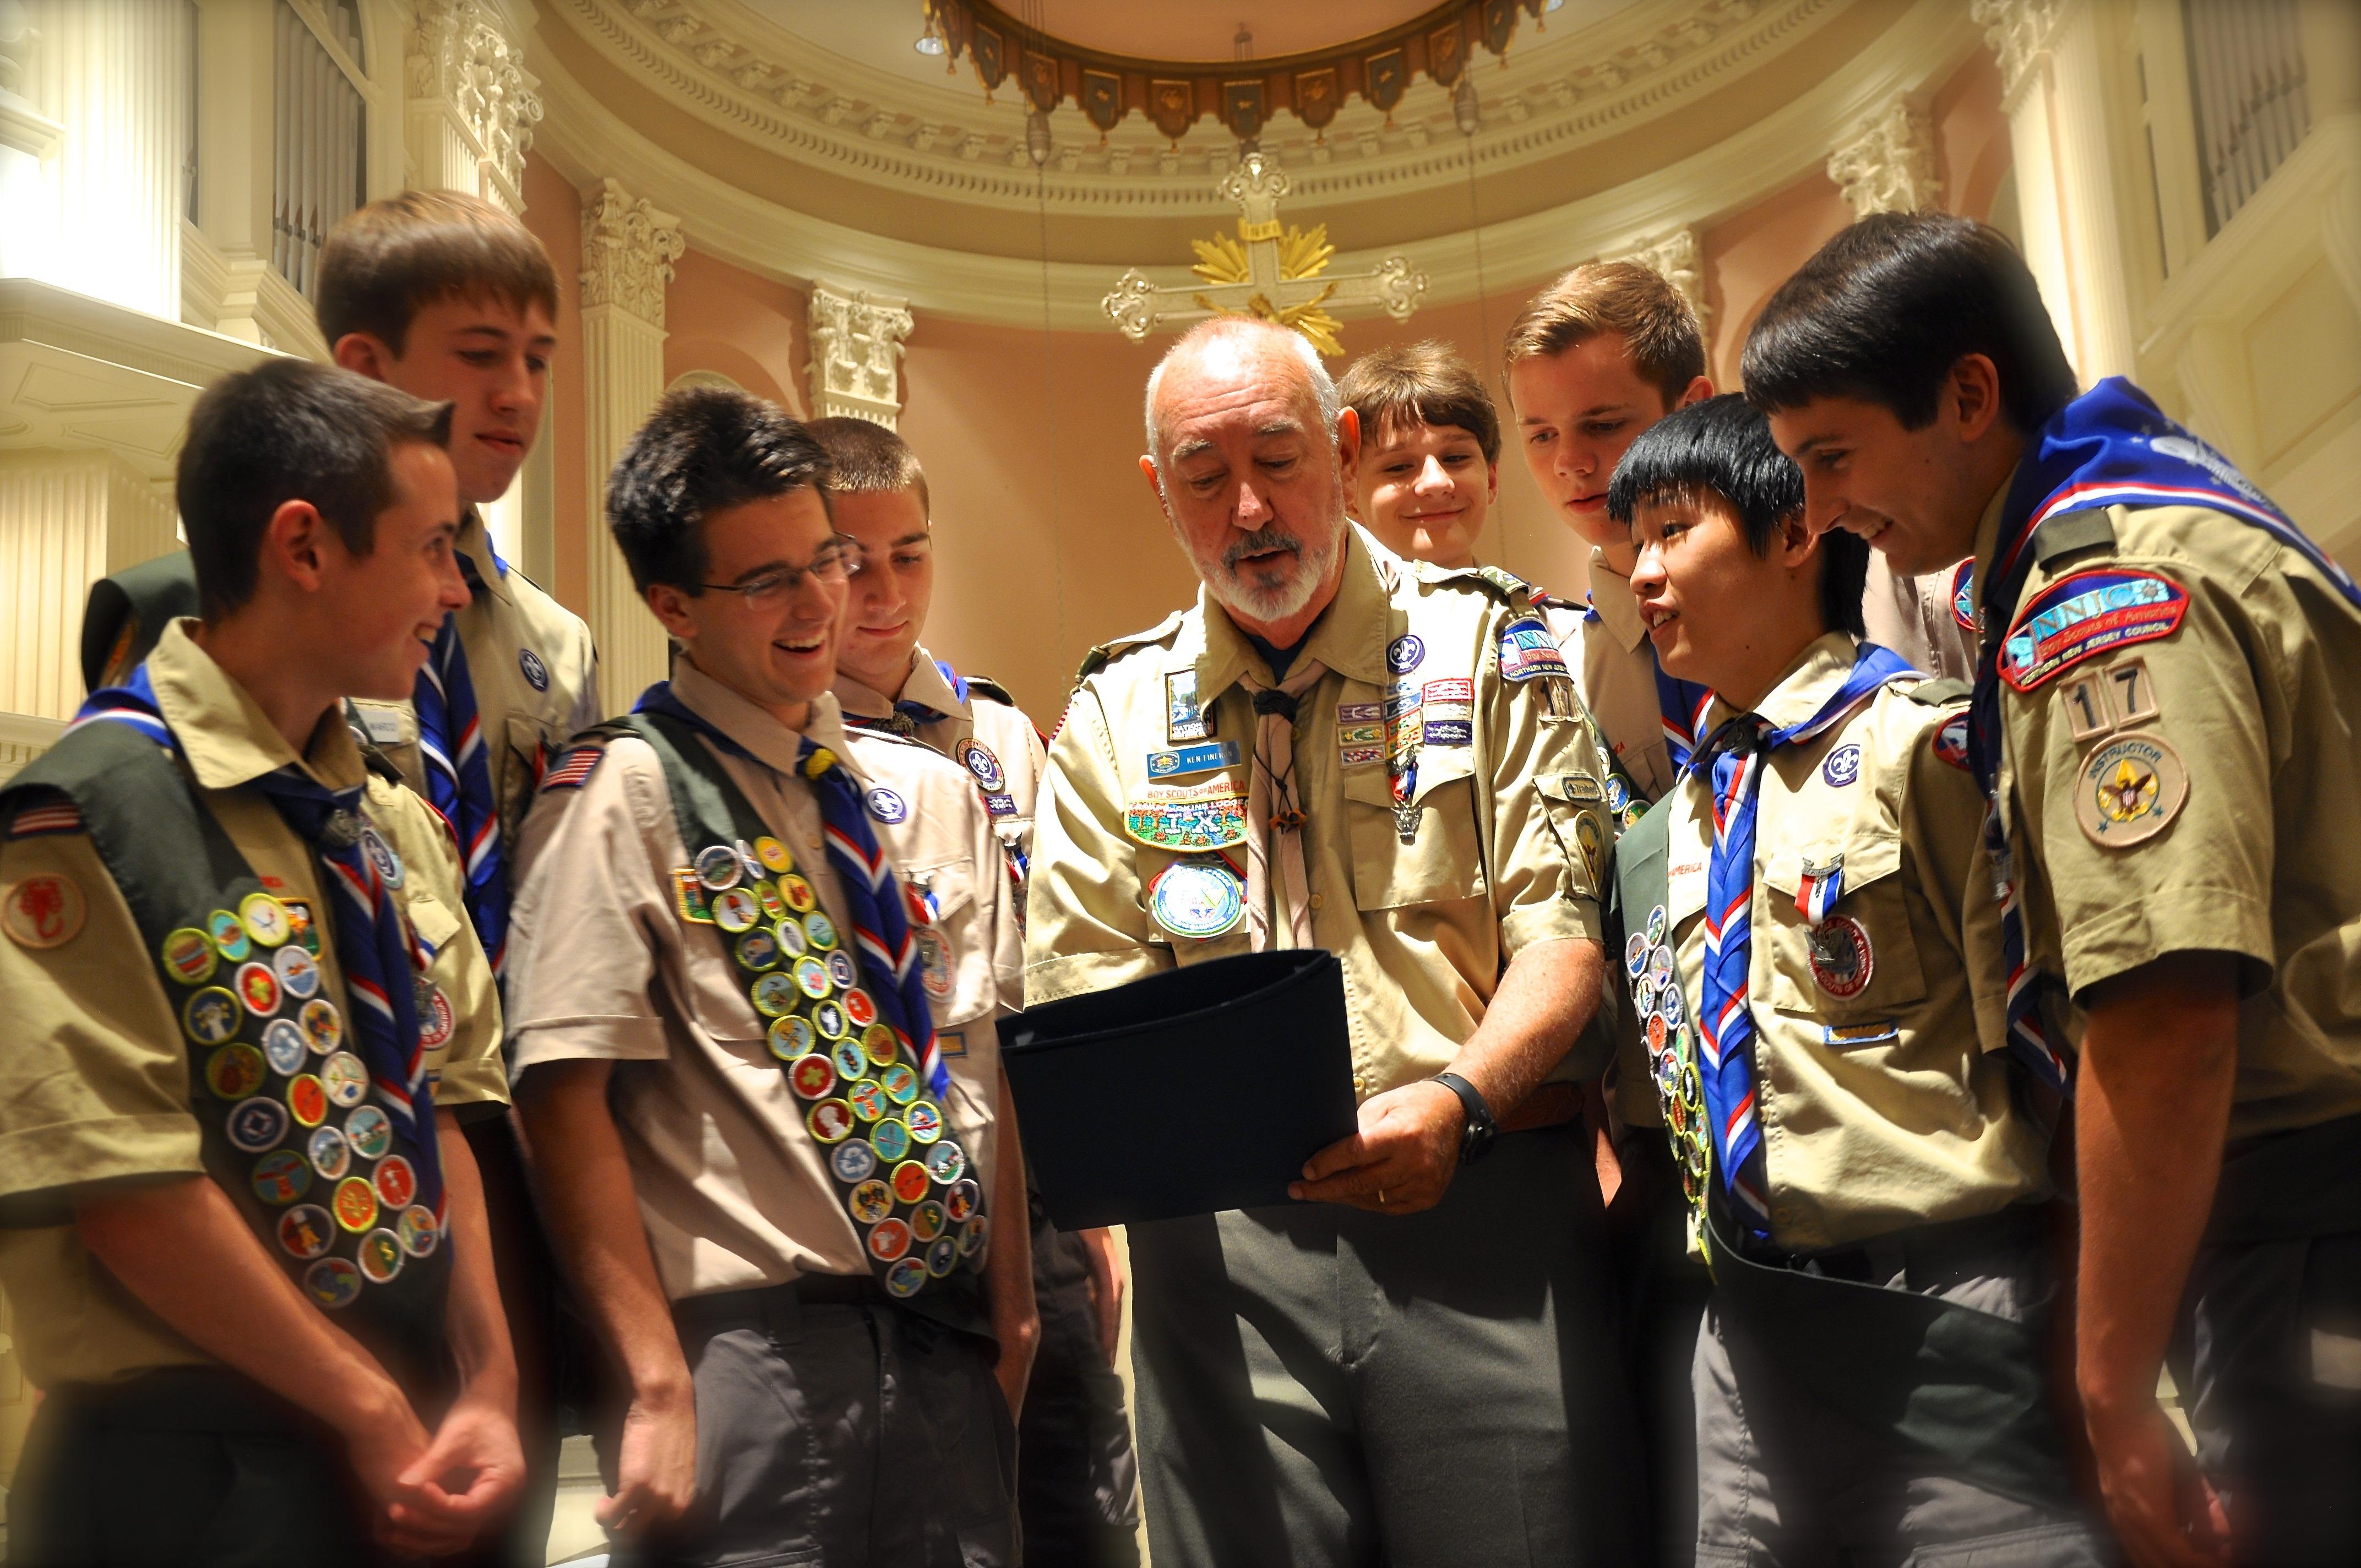 2ca8091725e4592aa5f9_Scoutmaster_Ken_Fineran___Troop_17_Eagle_Scouts.JPG